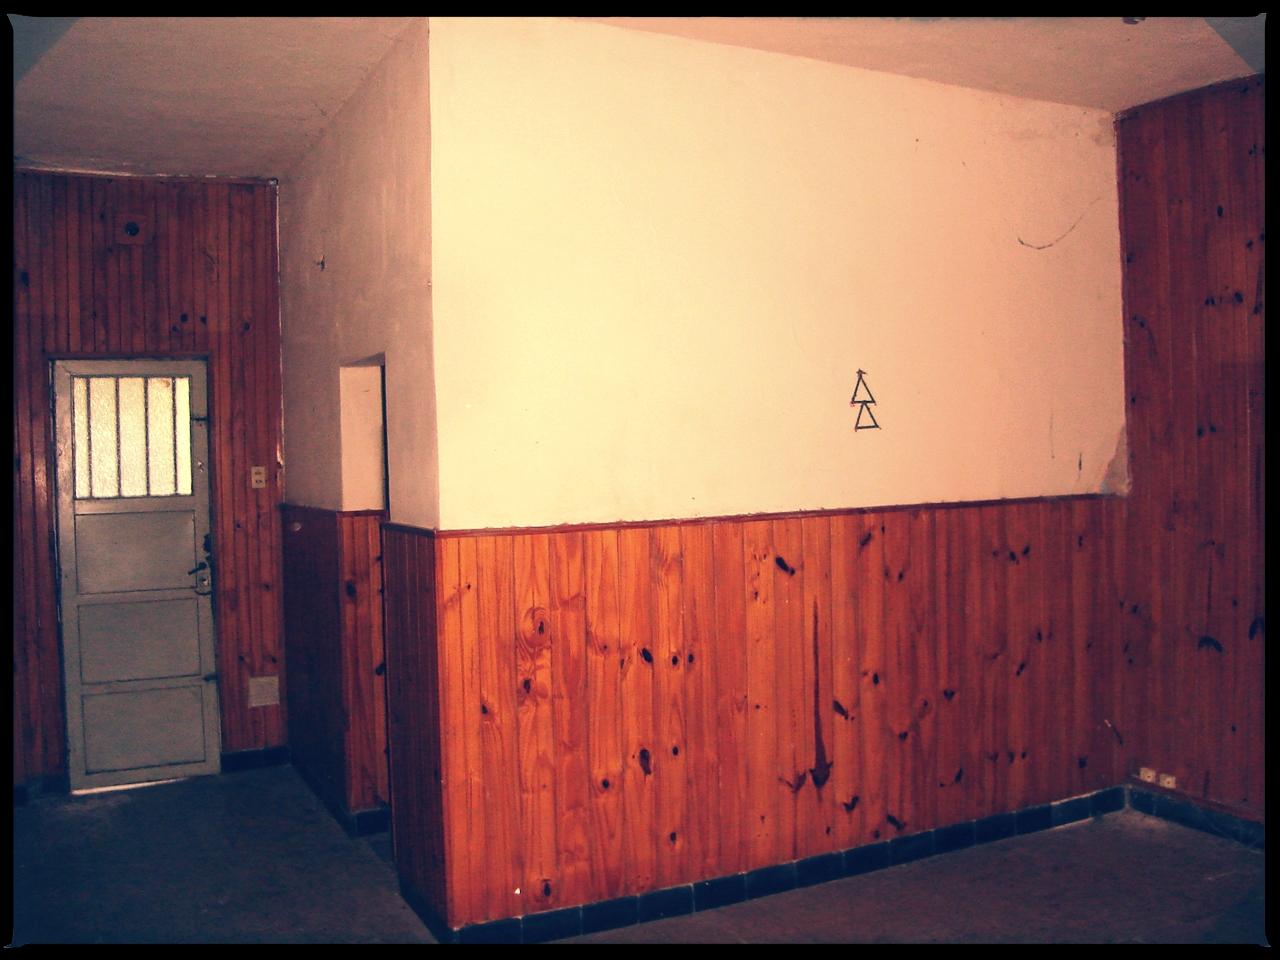 Vittorina disegno entablonado machimbrado - Tratamiento de humedades en paredes ...